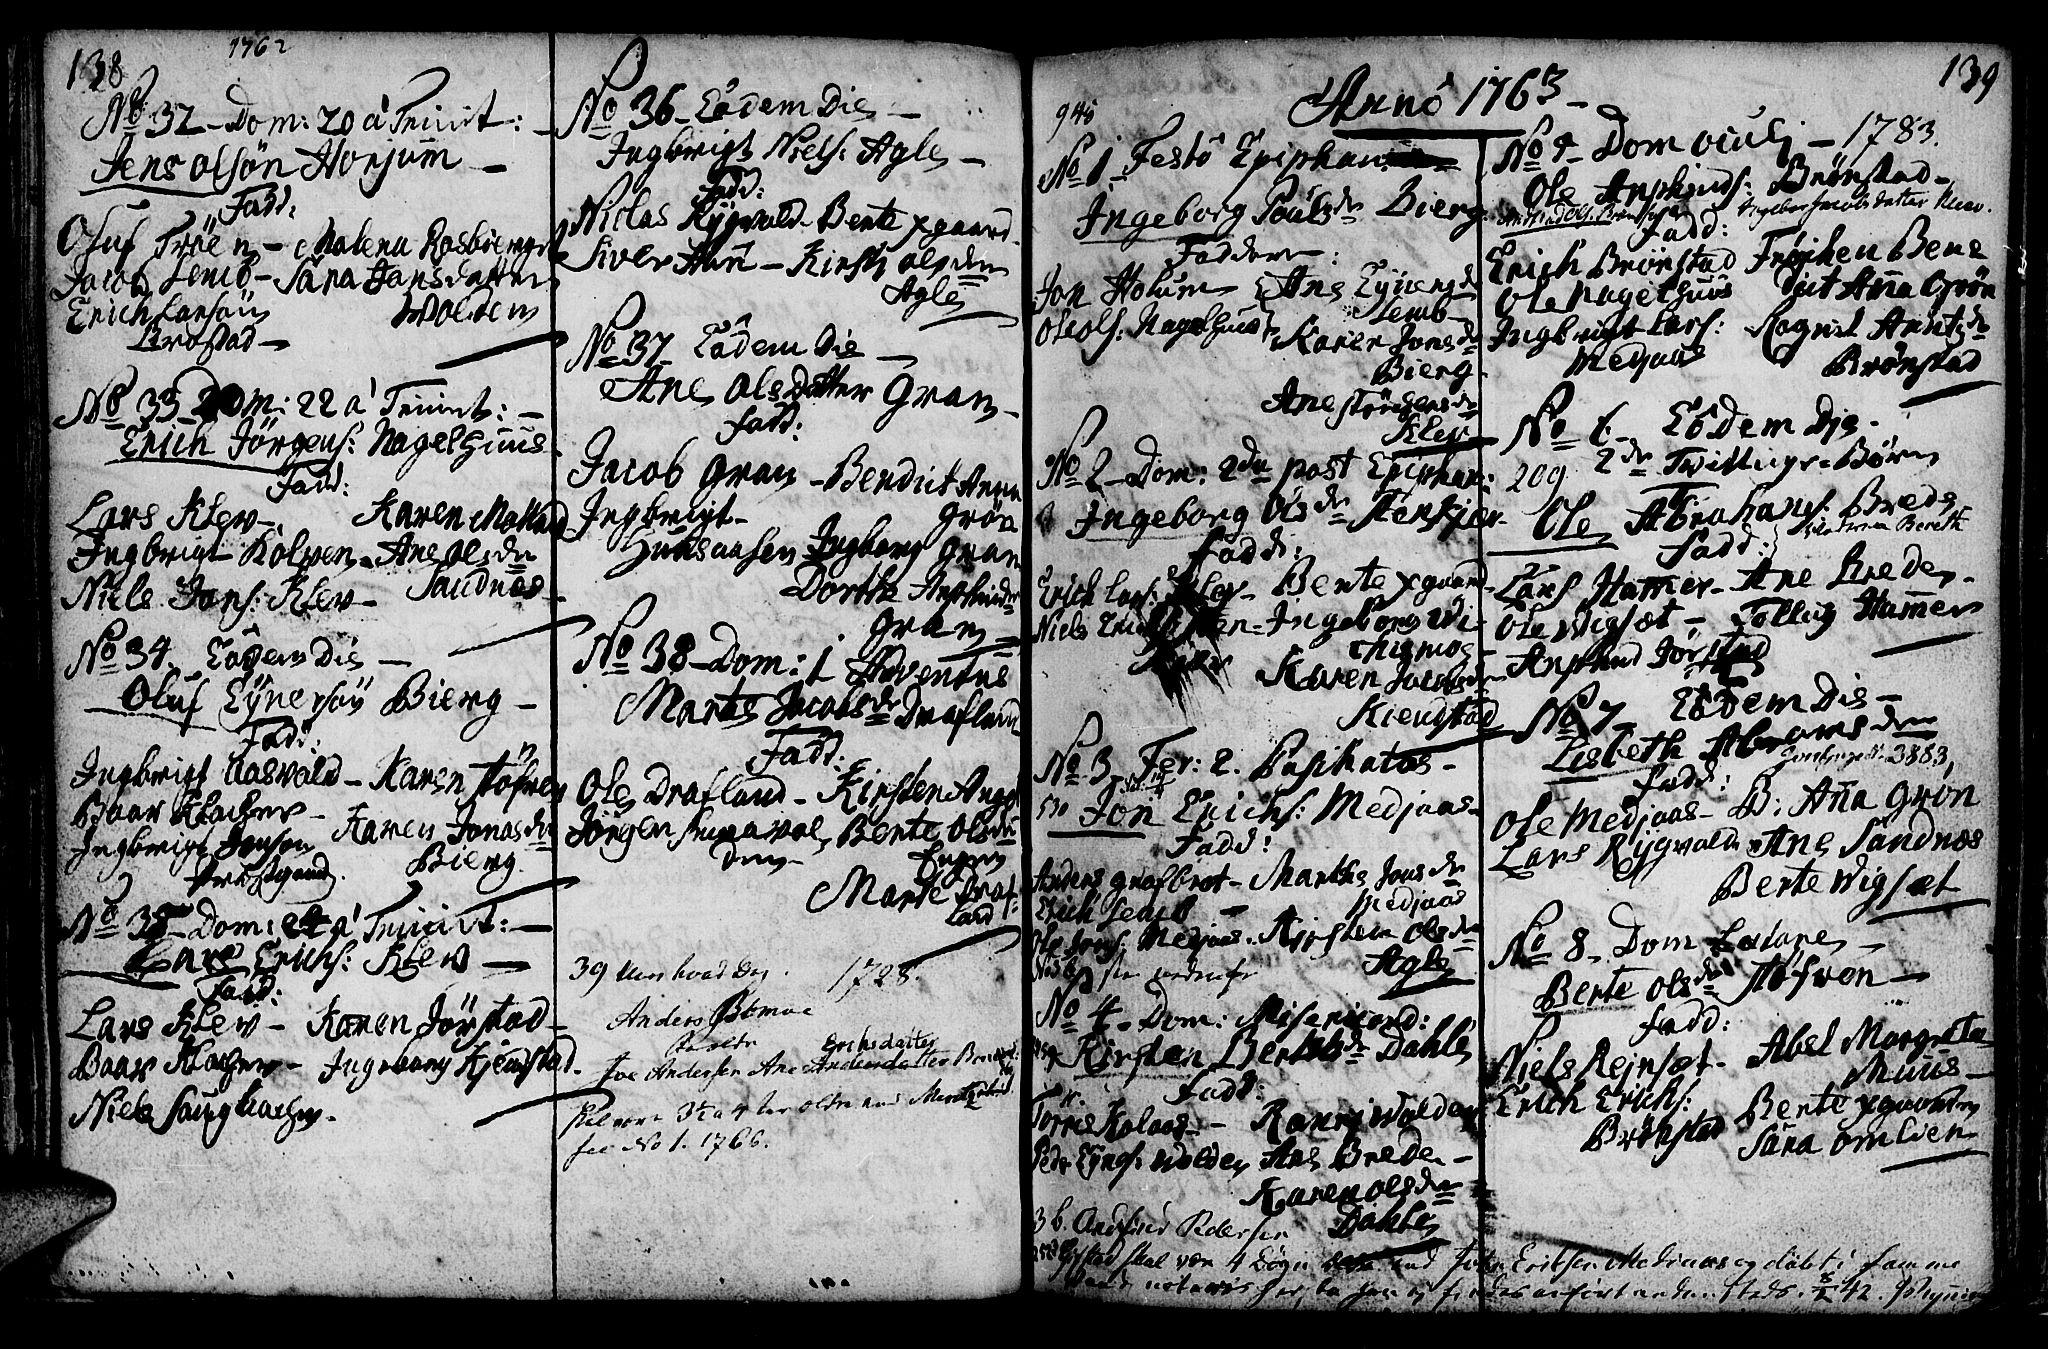 SAT, Ministerialprotokoller, klokkerbøker og fødselsregistre - Nord-Trøndelag, 749/L0467: Ministerialbok nr. 749A01, 1733-1787, s. 138-139